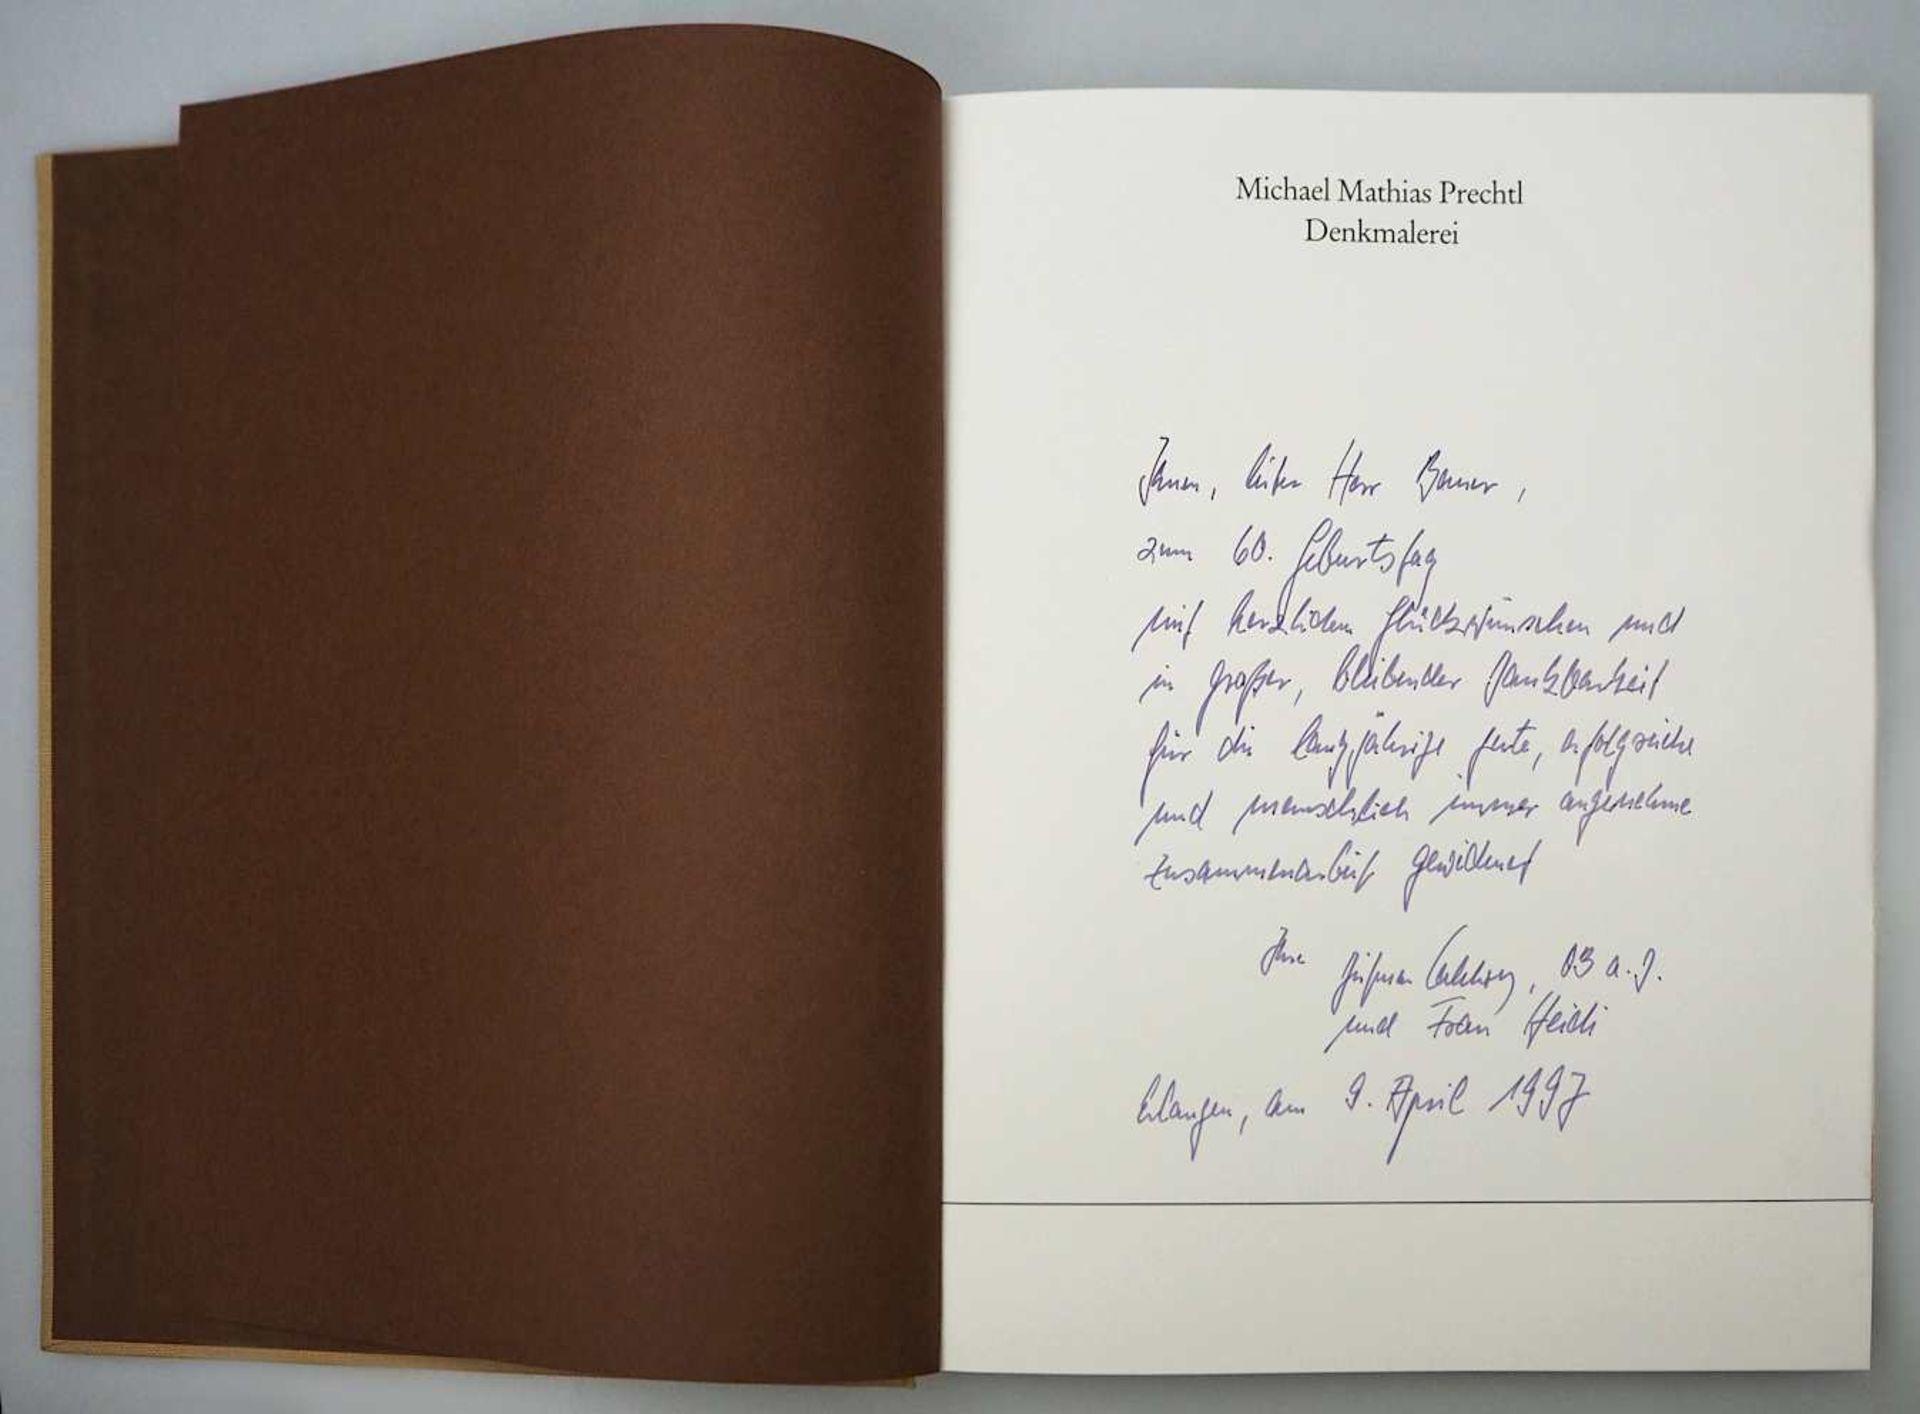 1 Sammlung Kunstbücher mit dem Schwerpunkt Michael Mathias PRECHTL (wohl 1926-2003) z.T. mit Or - Bild 8 aus 11